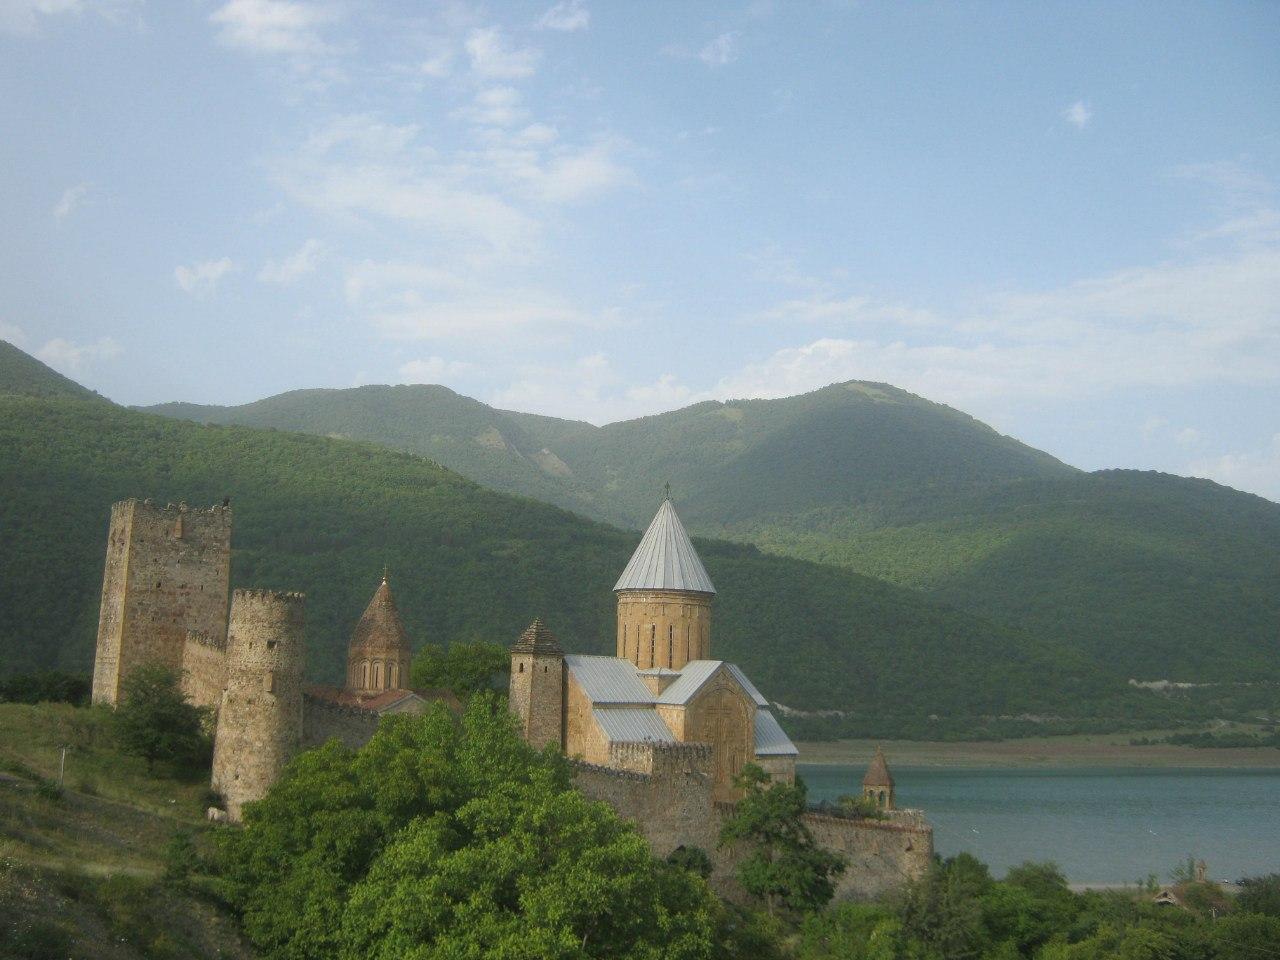 Крепость Ананури с 2 церквями и далее - Жинвальское водохранилище. Находится на трассе Владикавказ-Тбилиси.